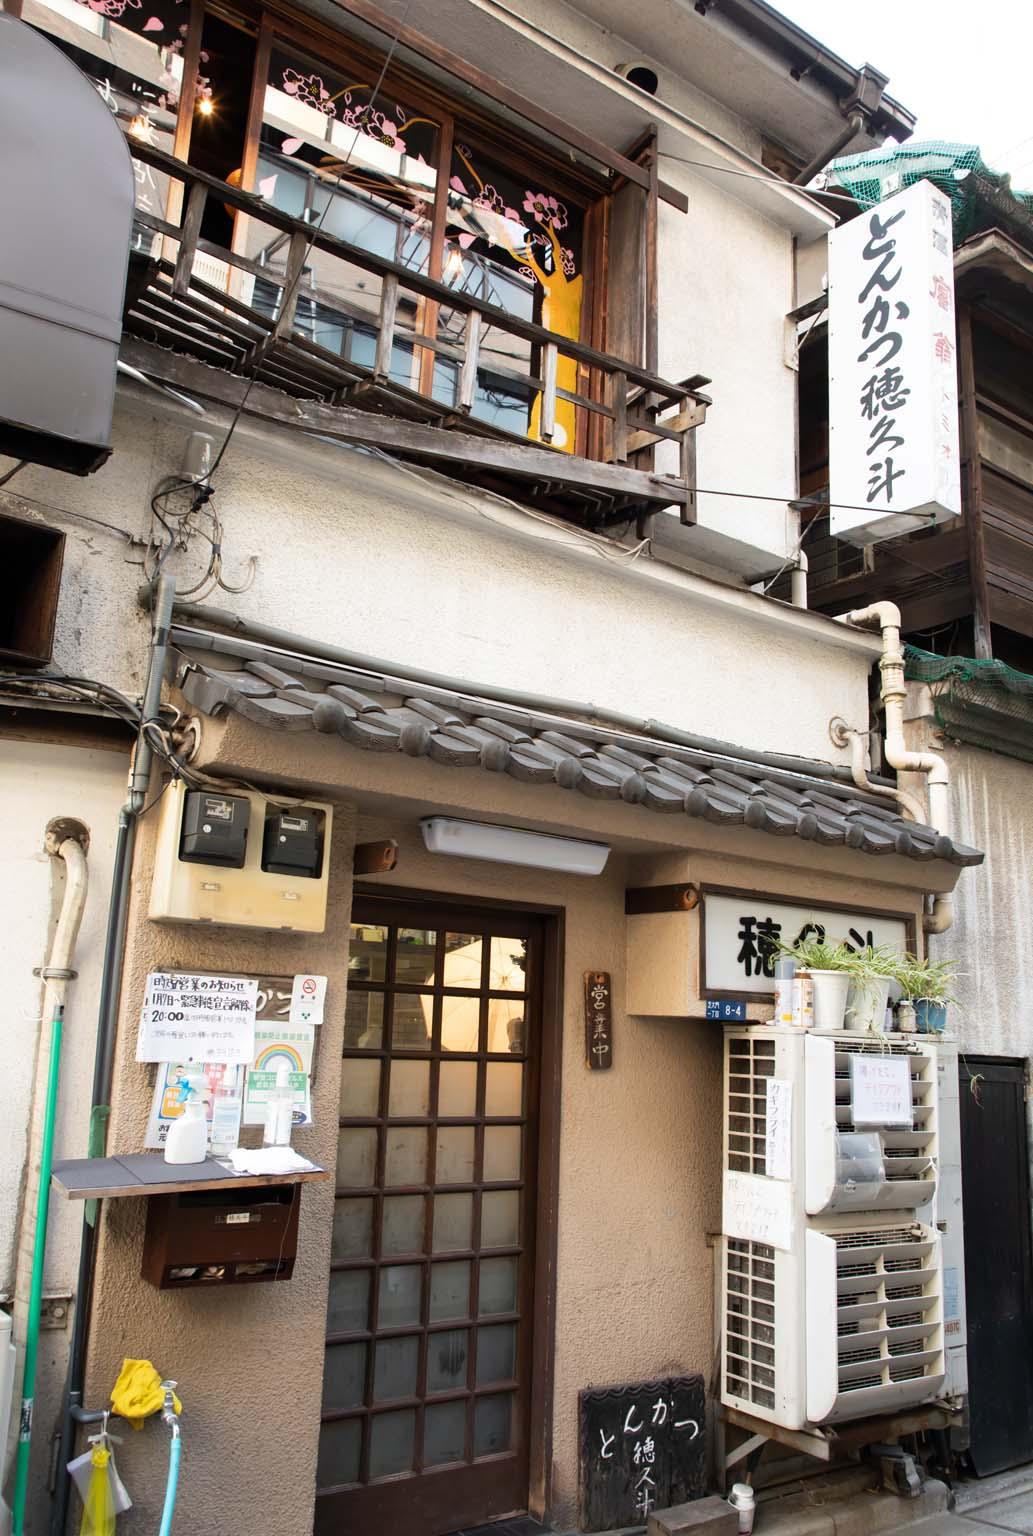 大門駅近くの居酒屋などが並ぶ一角にある。